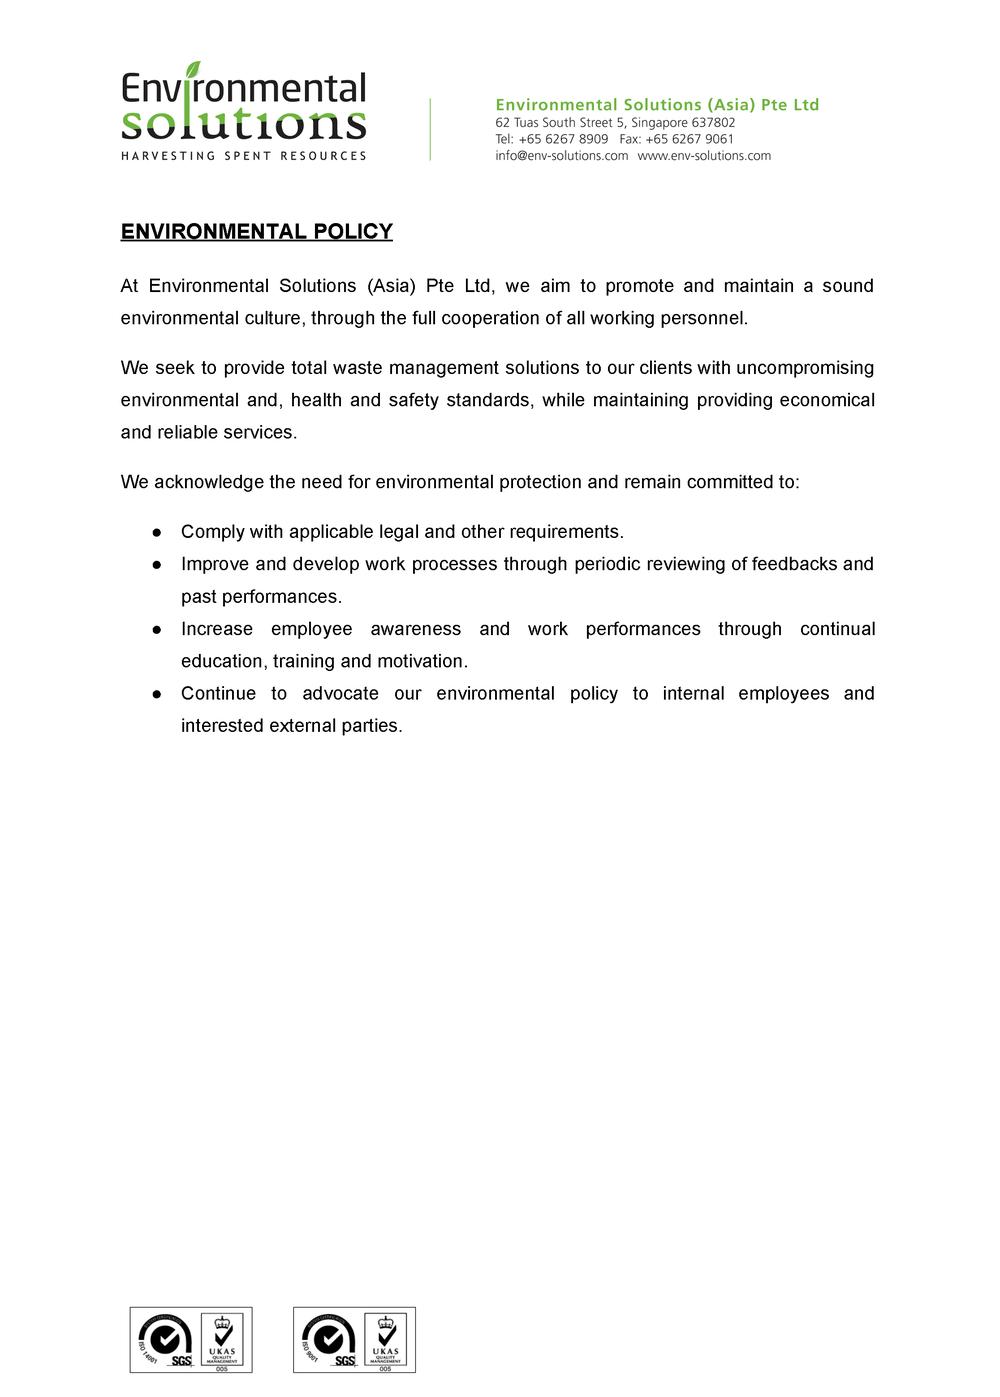 EnvironmentalPolicy.png